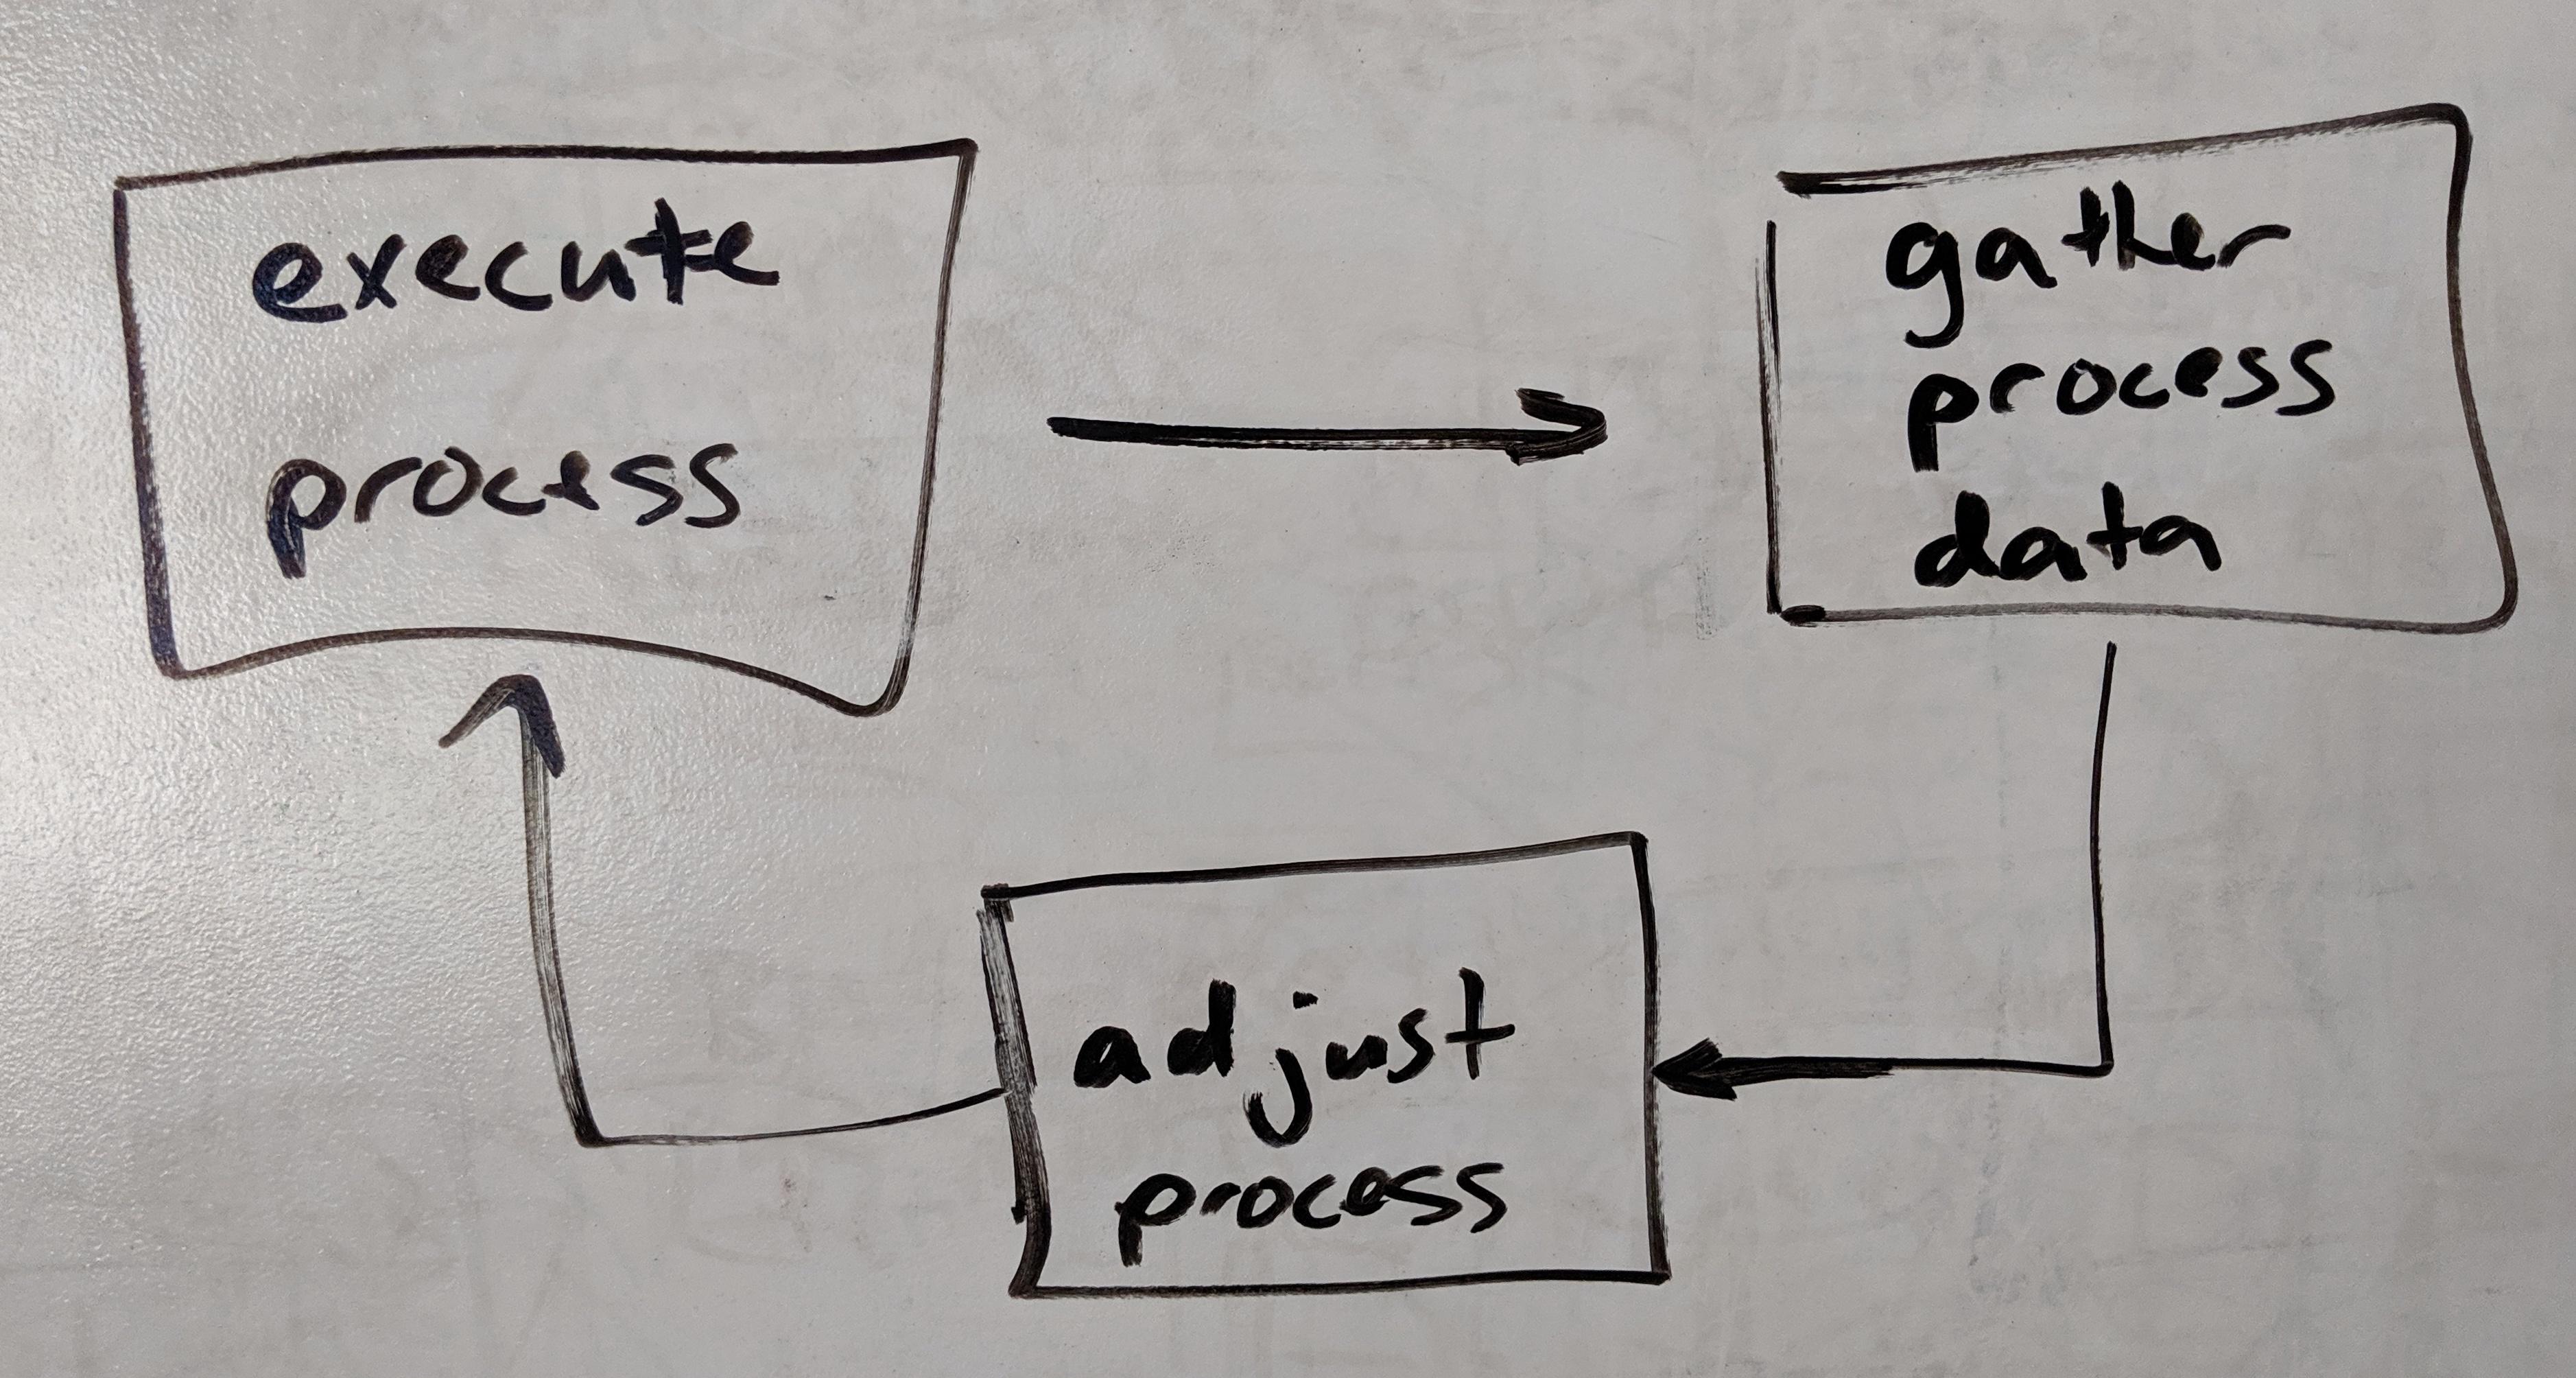 Process Feedback Loop